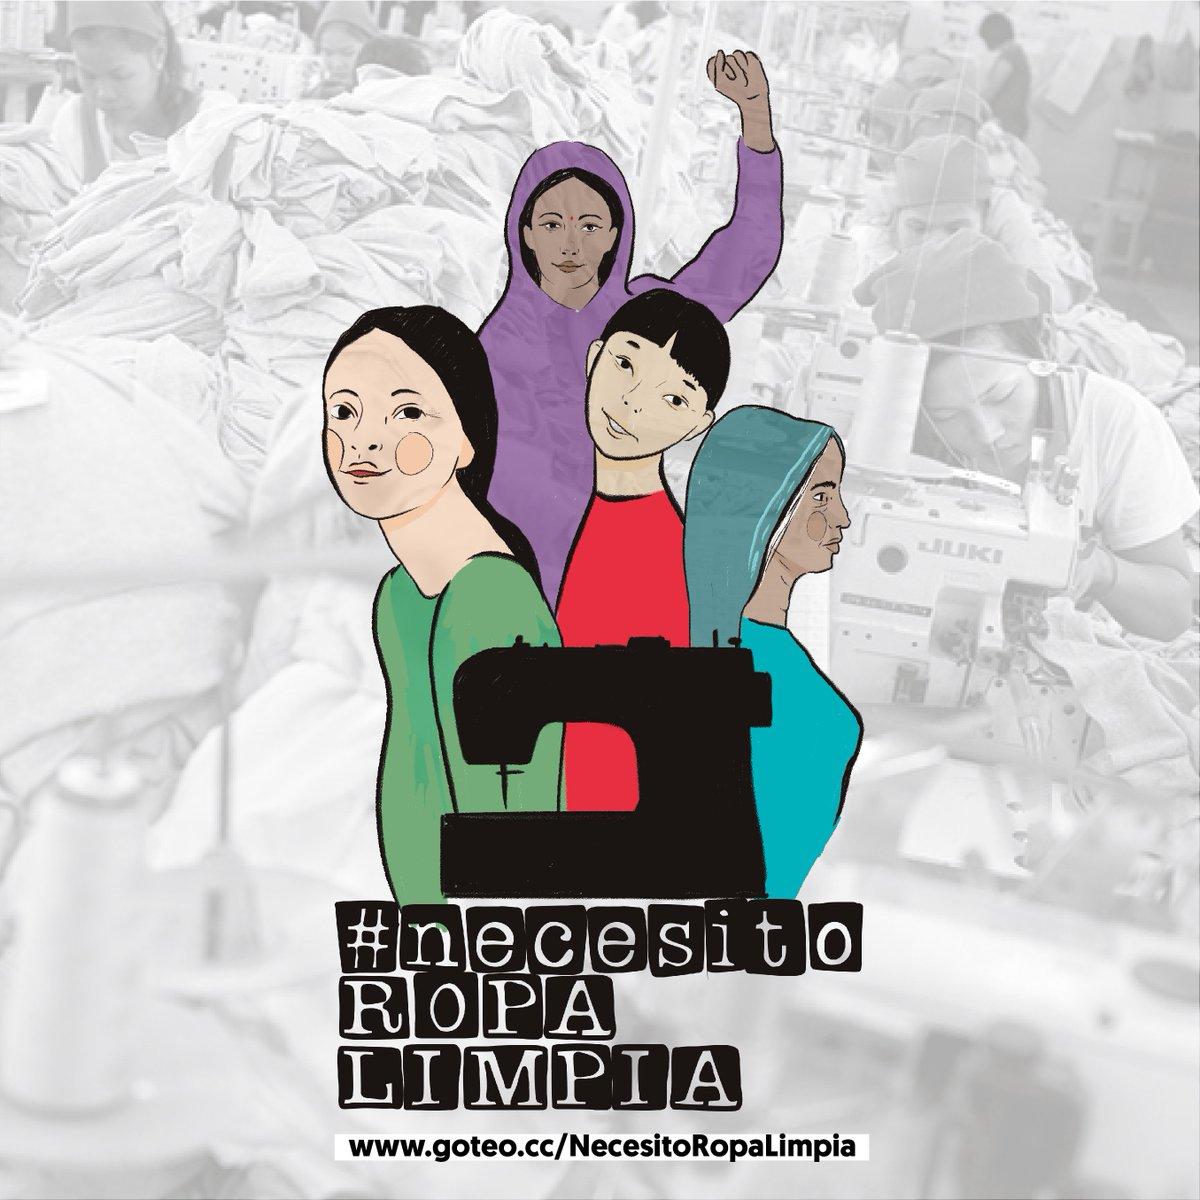 Fites de la Campaña Ropa Limpia durant els seus anys de lluita:  ✅El Fons del Rana Plaza per fi arriba als 30 milions de $ necessaris per indemnitzar a les víctimes!  ❗️Amb la teva ajuda, aconseguirem més. Dóna suport al #crowdfunding!#NecesitoRopaLimpia  https://en.goteo.org/project/necesito-ropa-limpia…